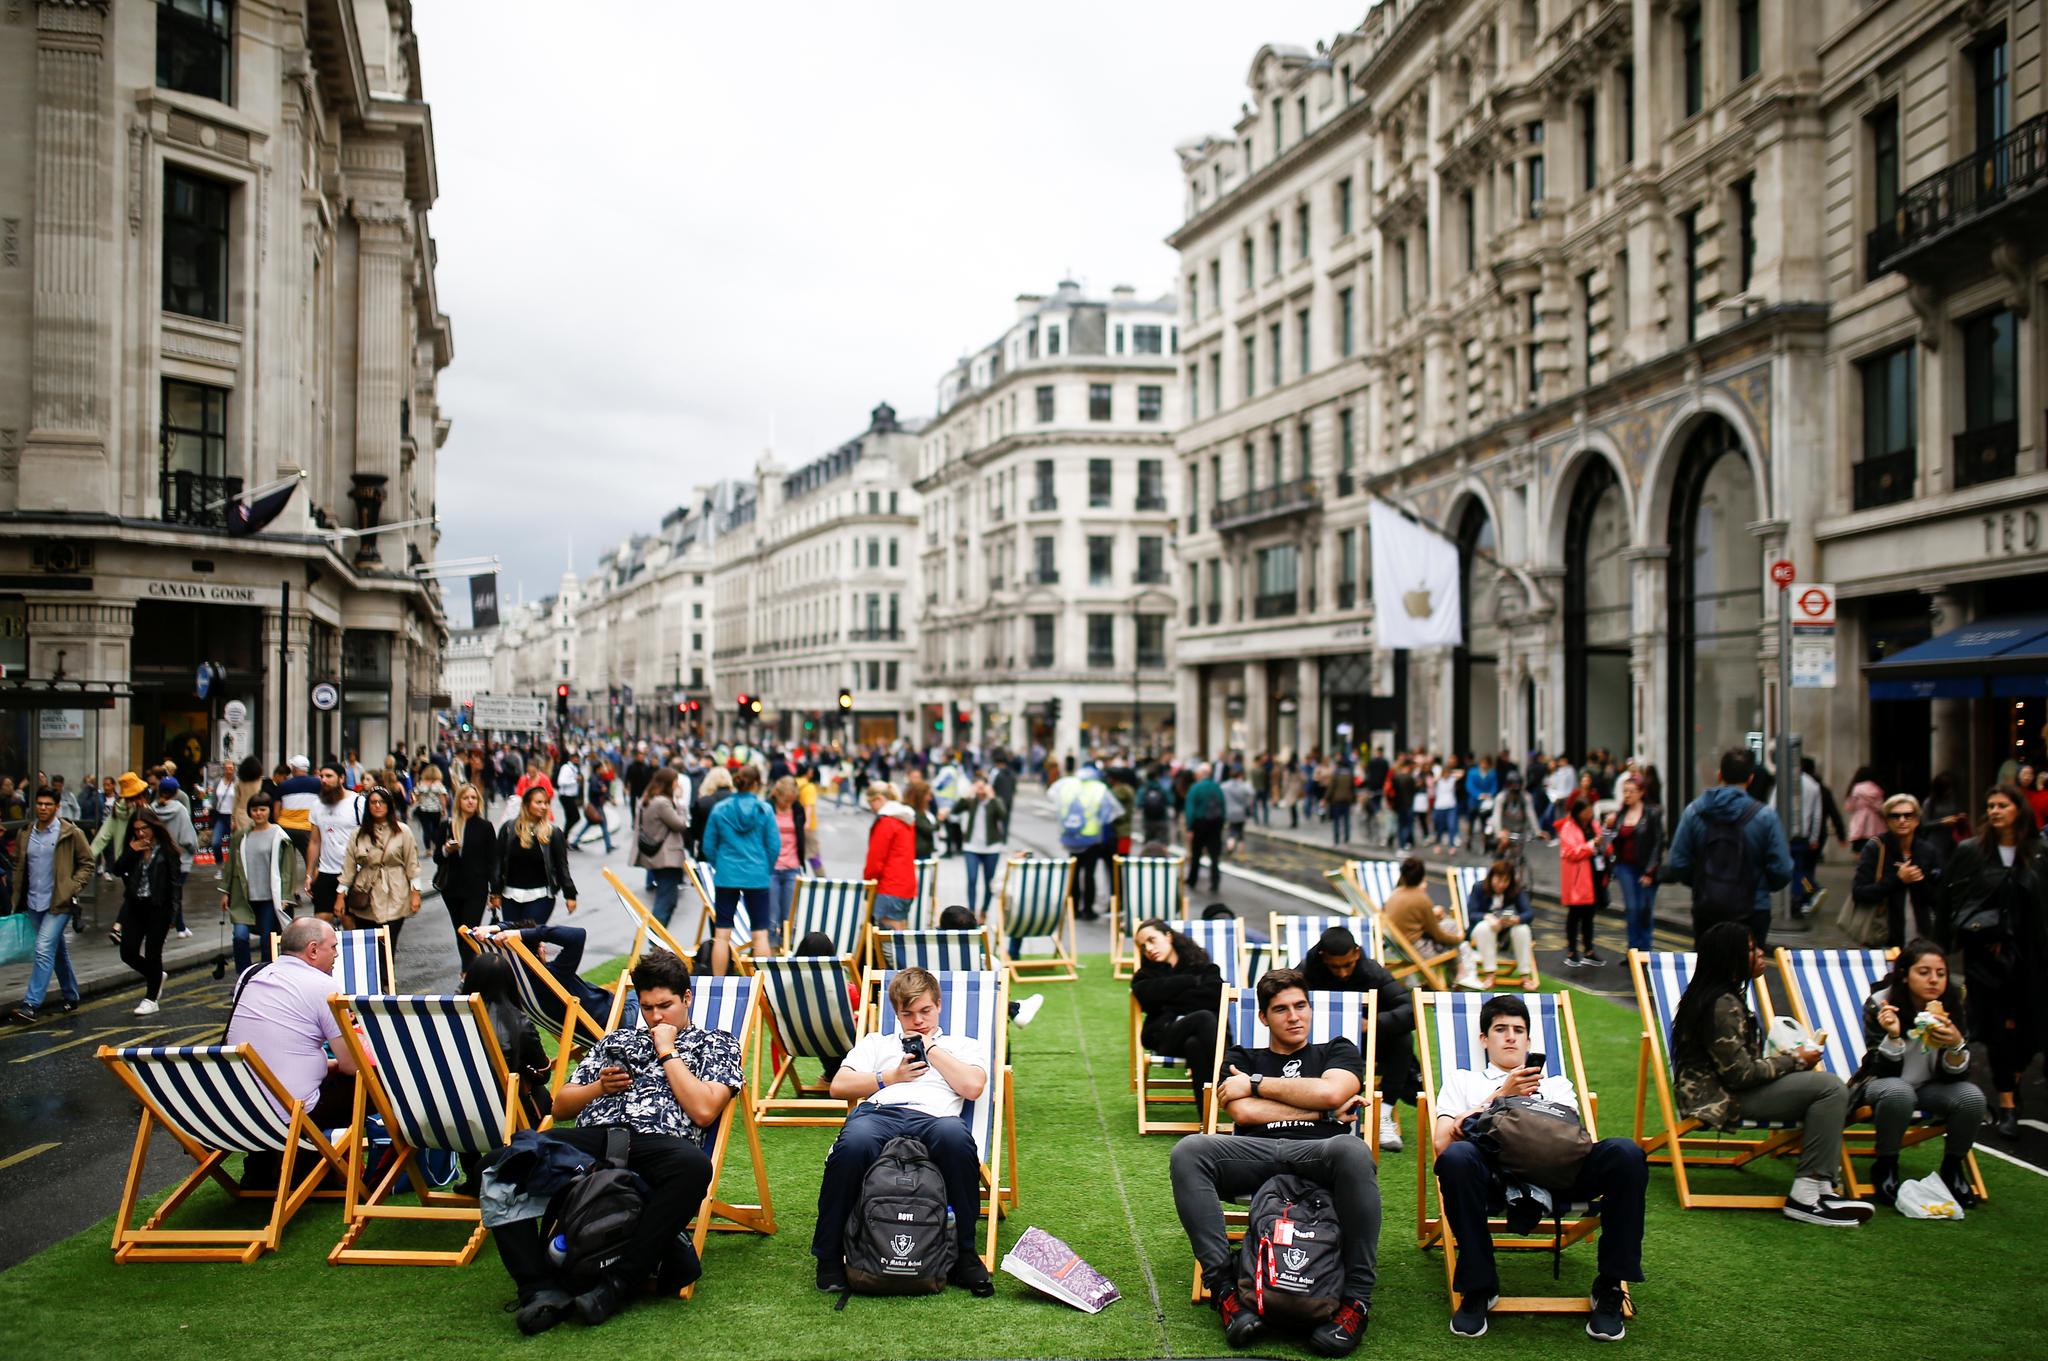 지난 9월 22일(현지시간) '차 없는 거리의 날' 행사가 열린 런던 대표 쇼핑가 리젠트거리에서 시민들이 의자에 앉아 쉬고 있다. [로이터=연합뉴스]